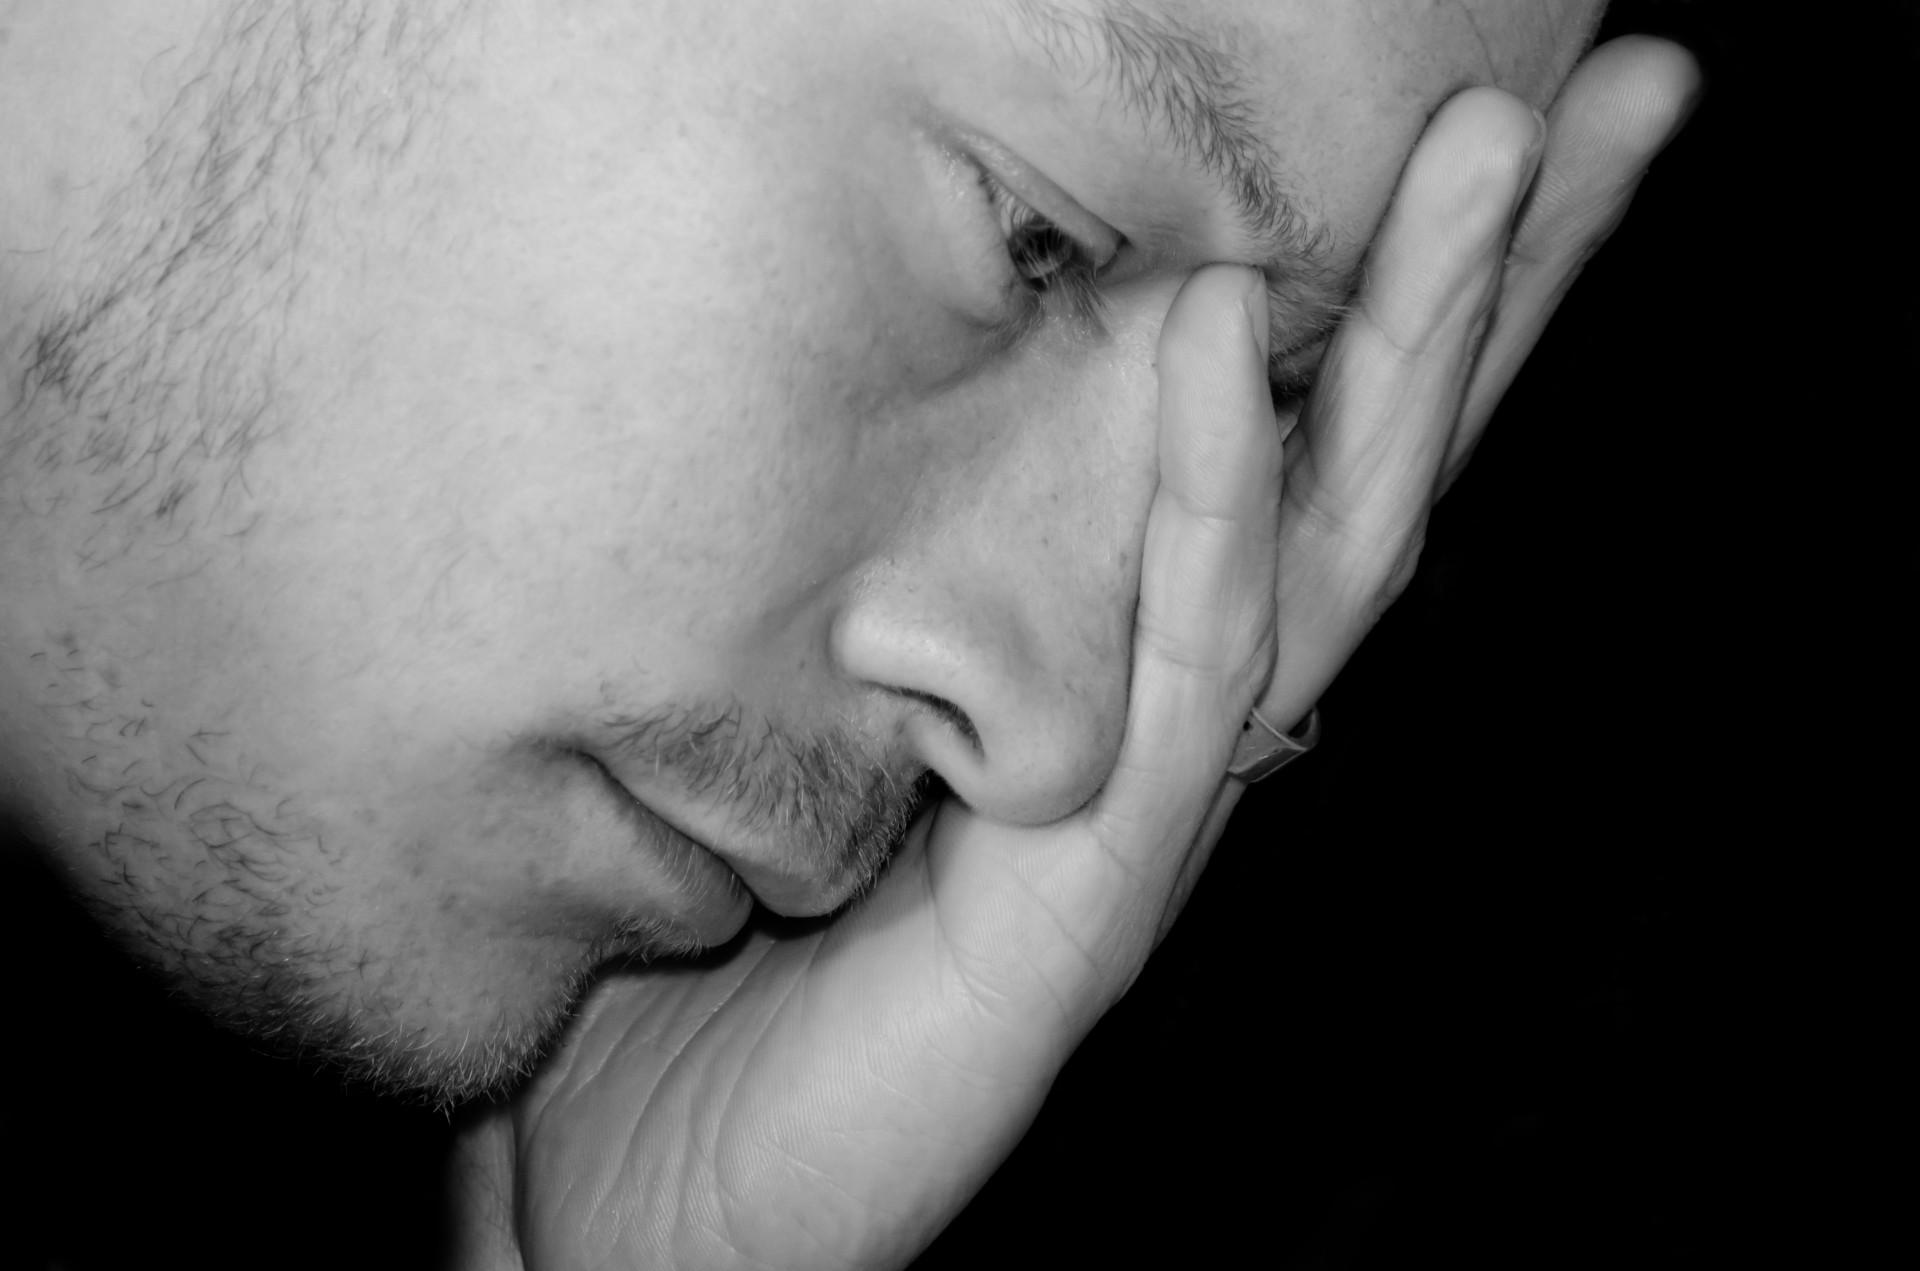 صورة صور شخص حزين , الحزن والبكاء فى صوره